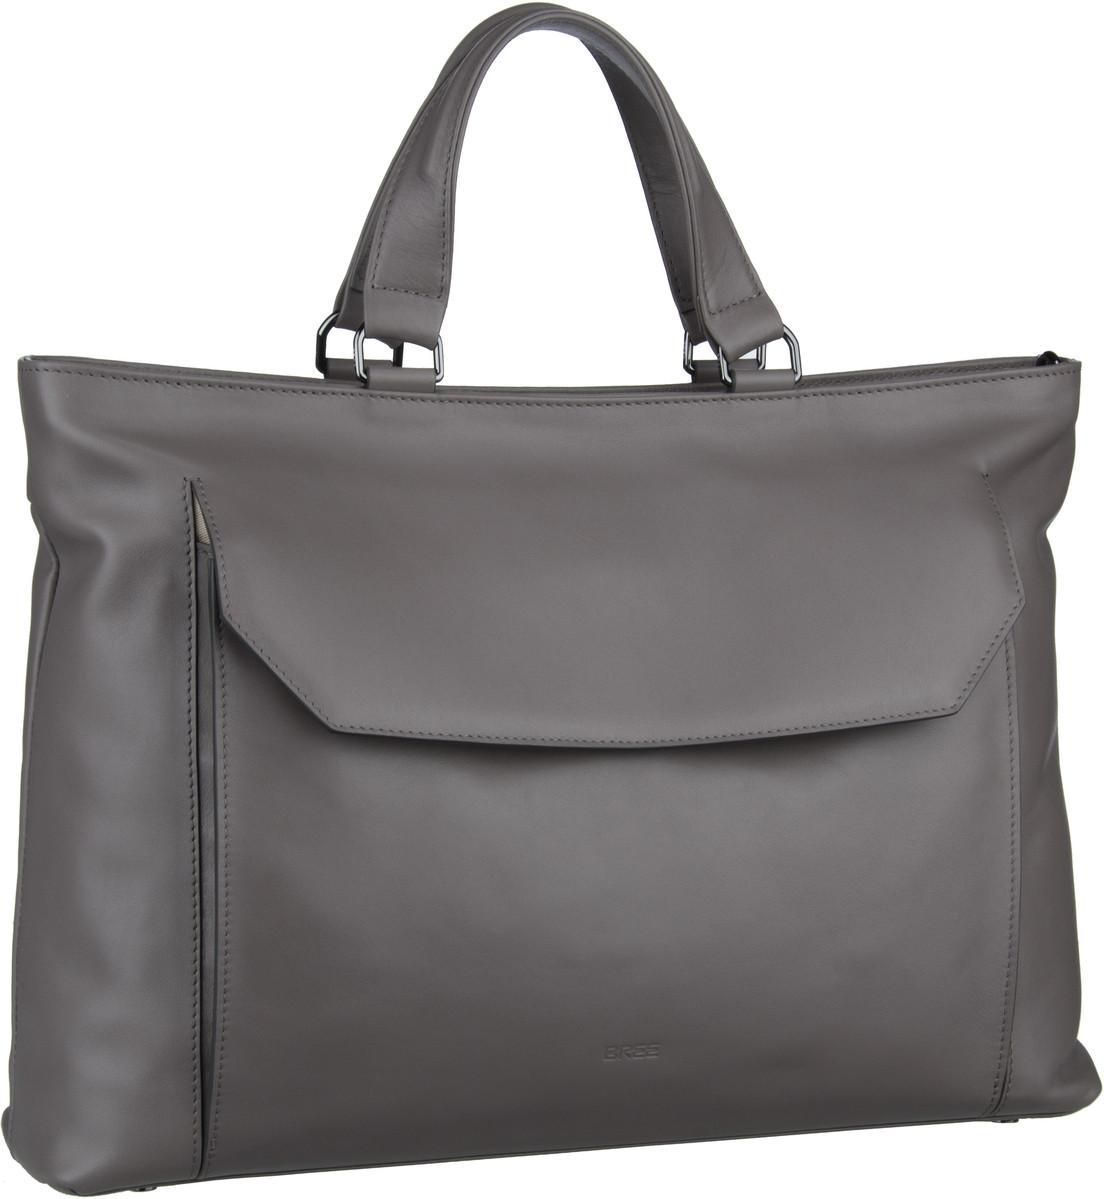 Businesstaschen für Frauen - Bree DIE ZEIT 16 Mineral Grey Aktentasche  - Onlineshop Taschenkaufhaus